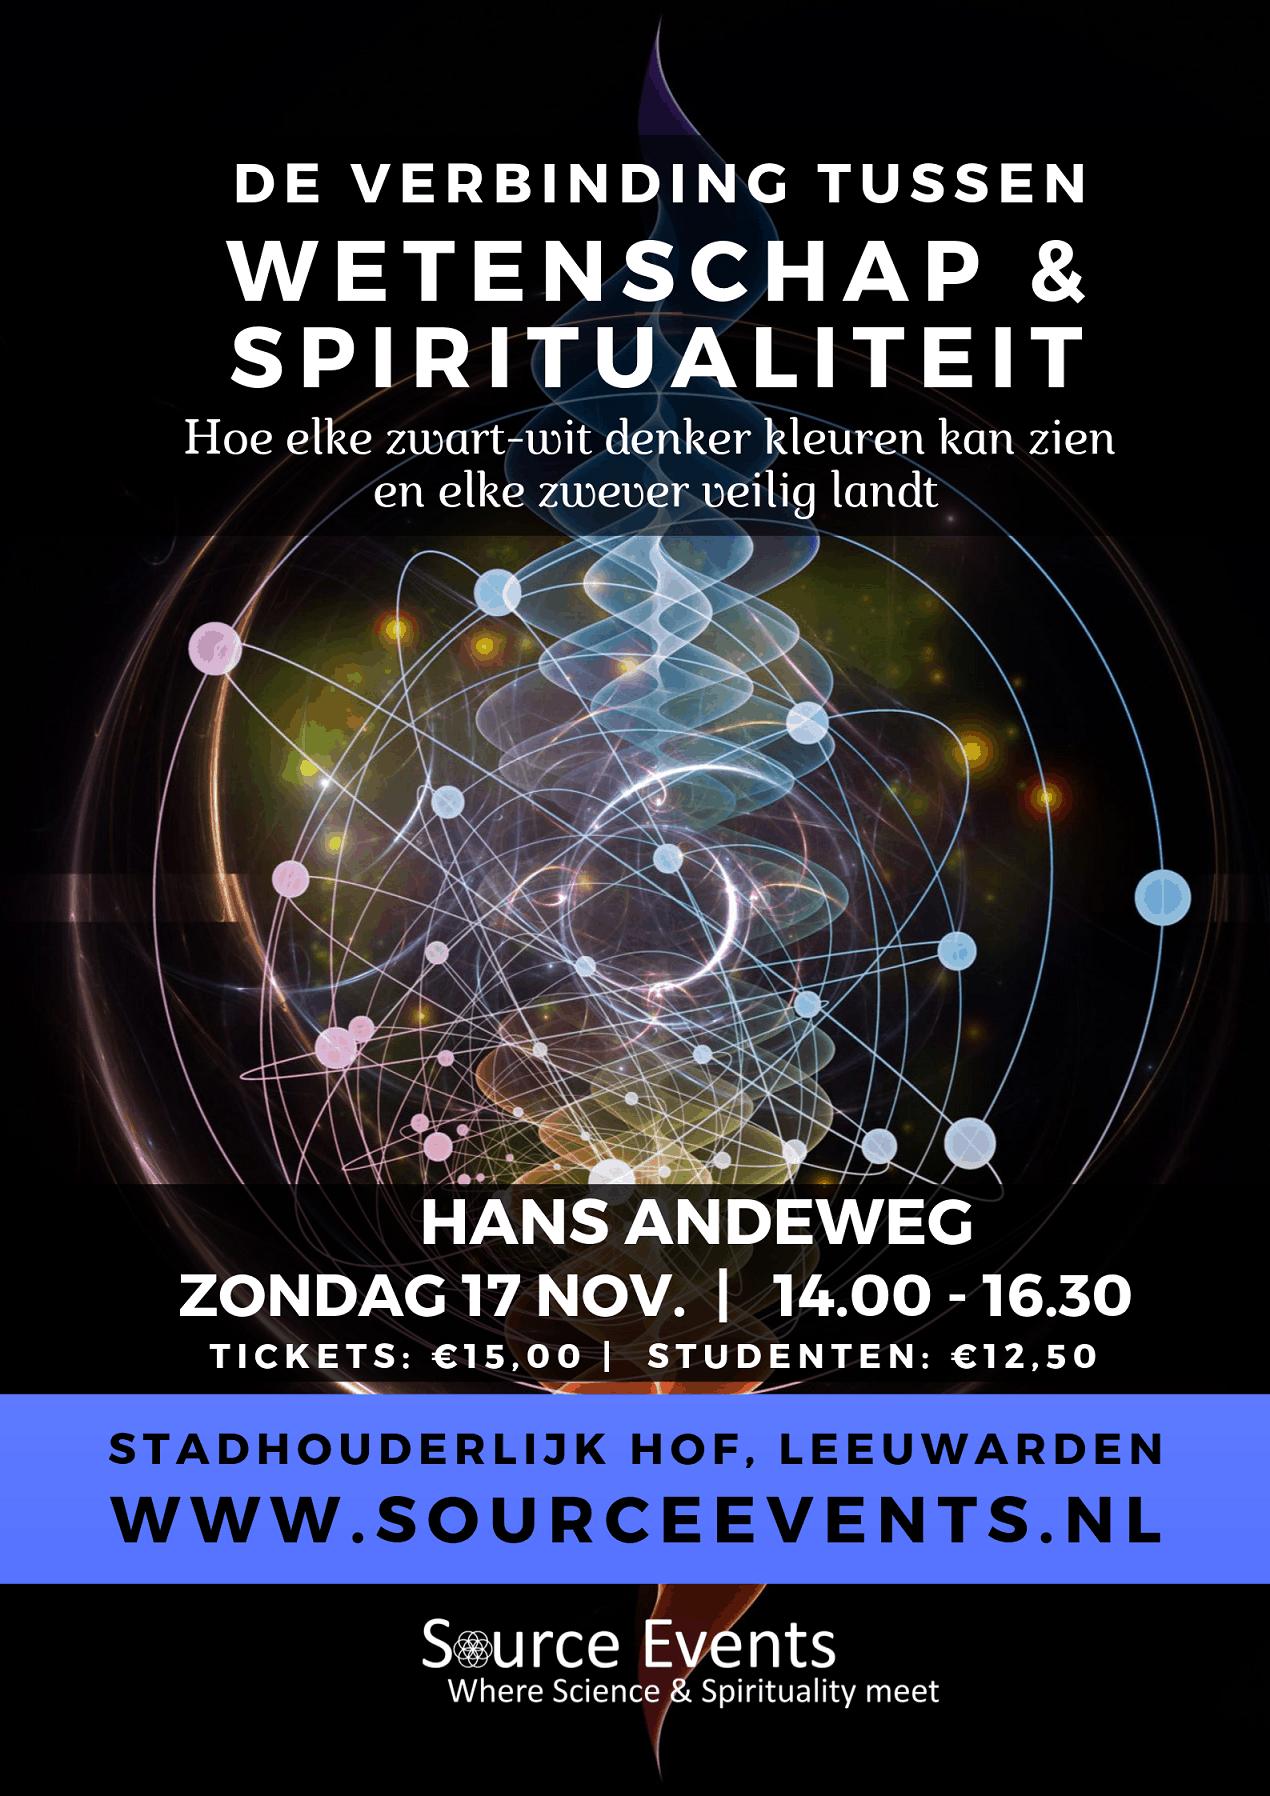 De verbinding tussen wetenschap en spiritualiteit